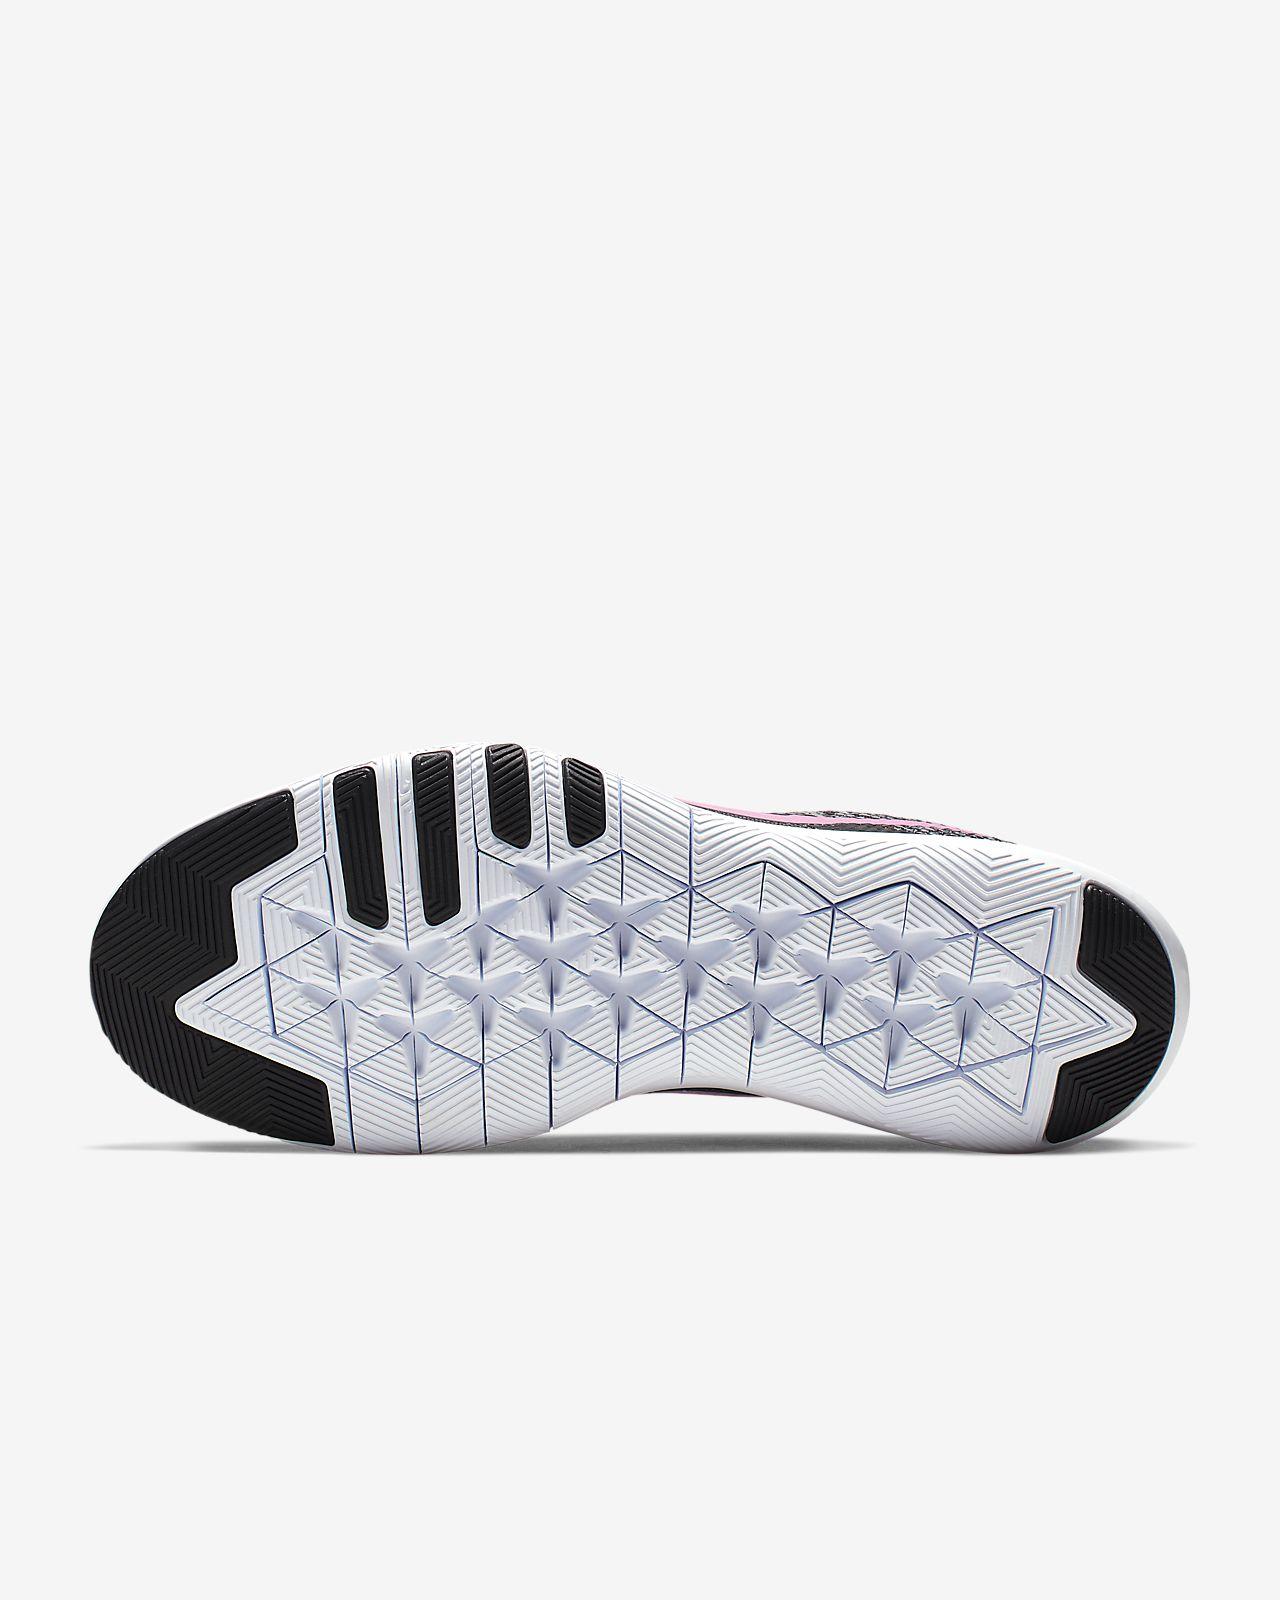 167e39323fd Calzado de entrenamiento para mujer Nike Flex TR8. Nike.com MX